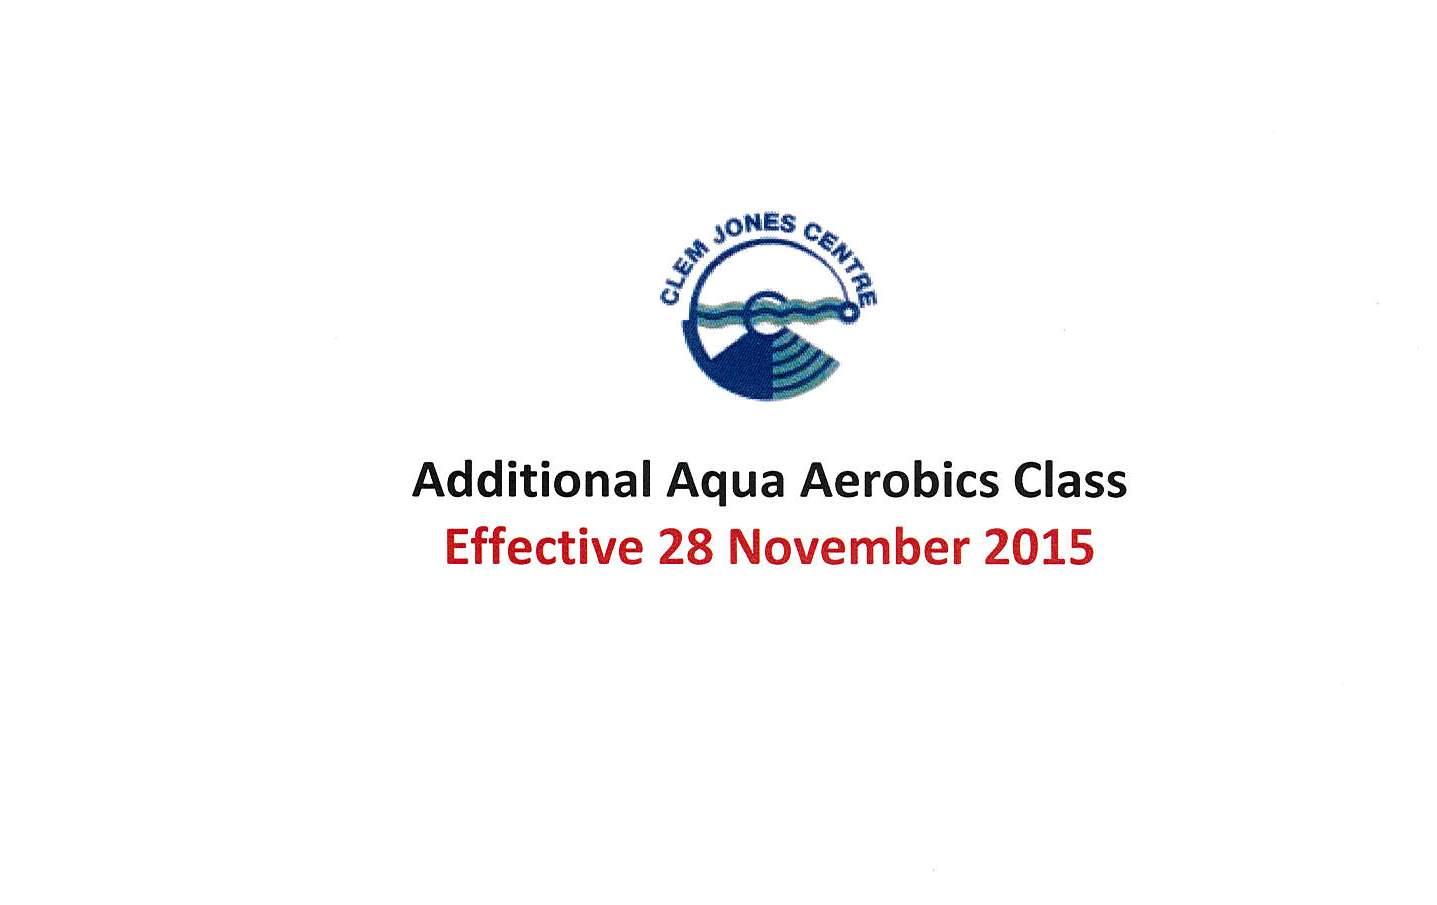 Additional Aqua Class